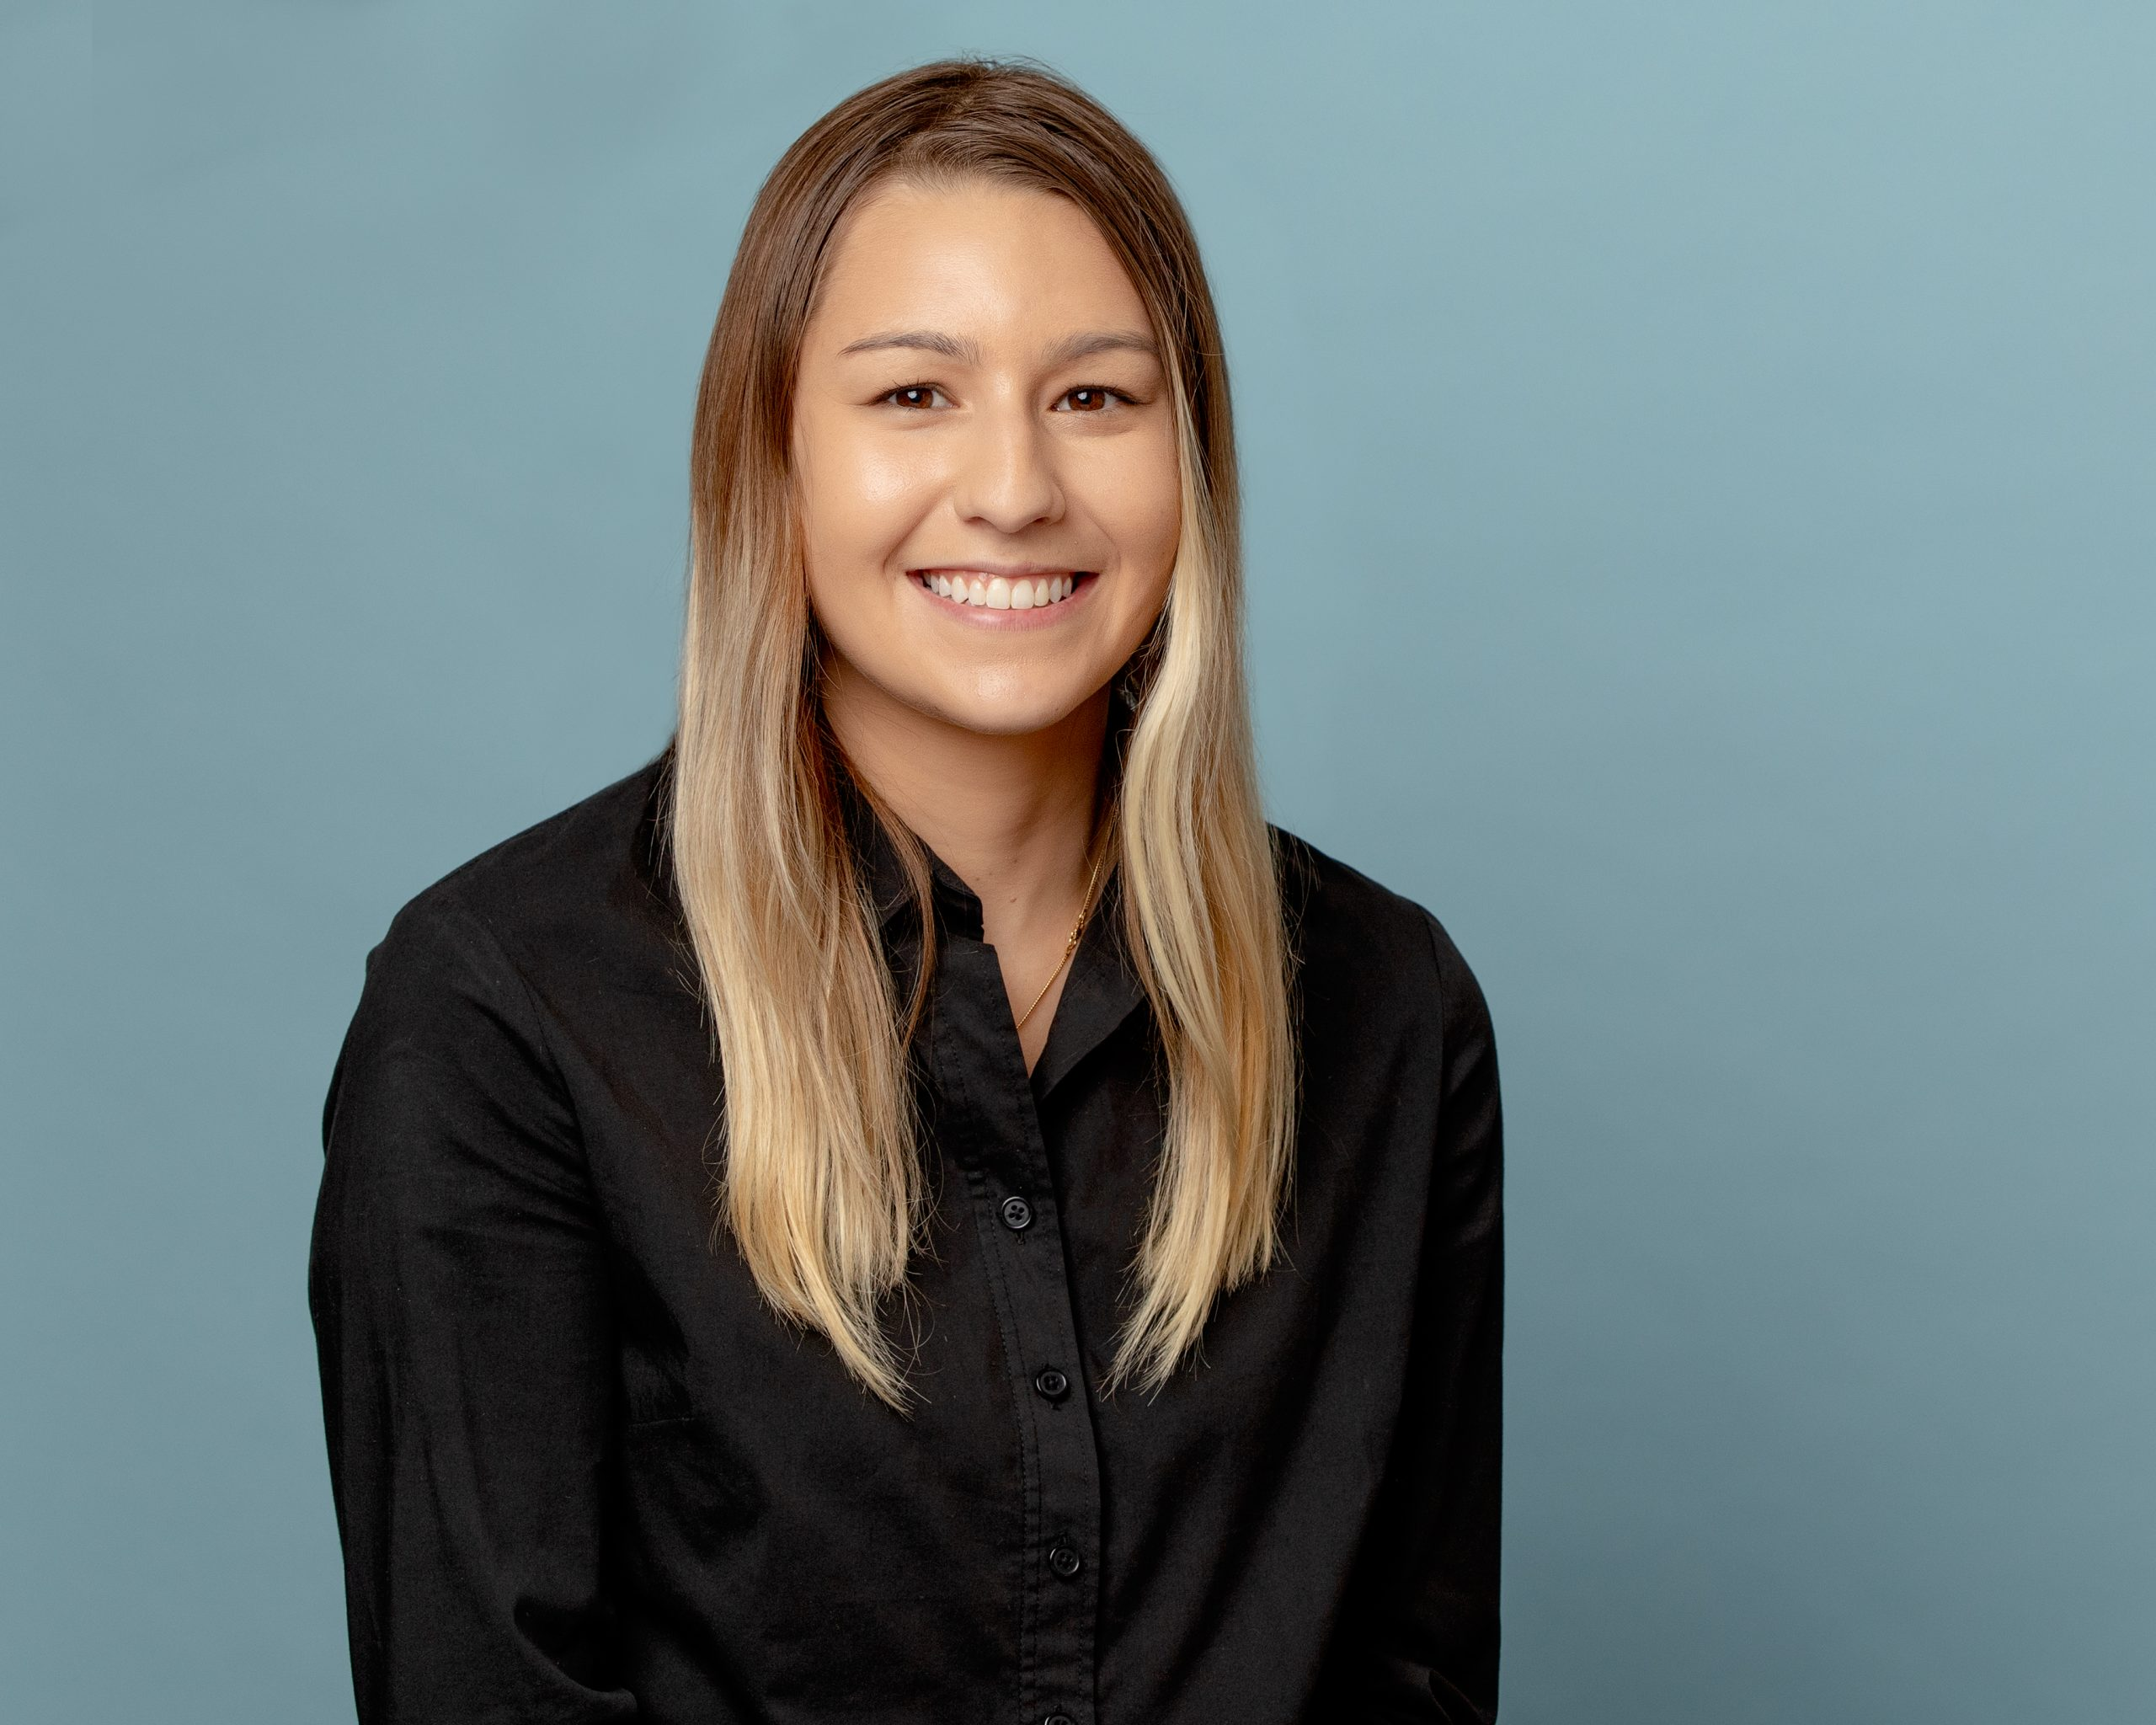 Serena Vasquez